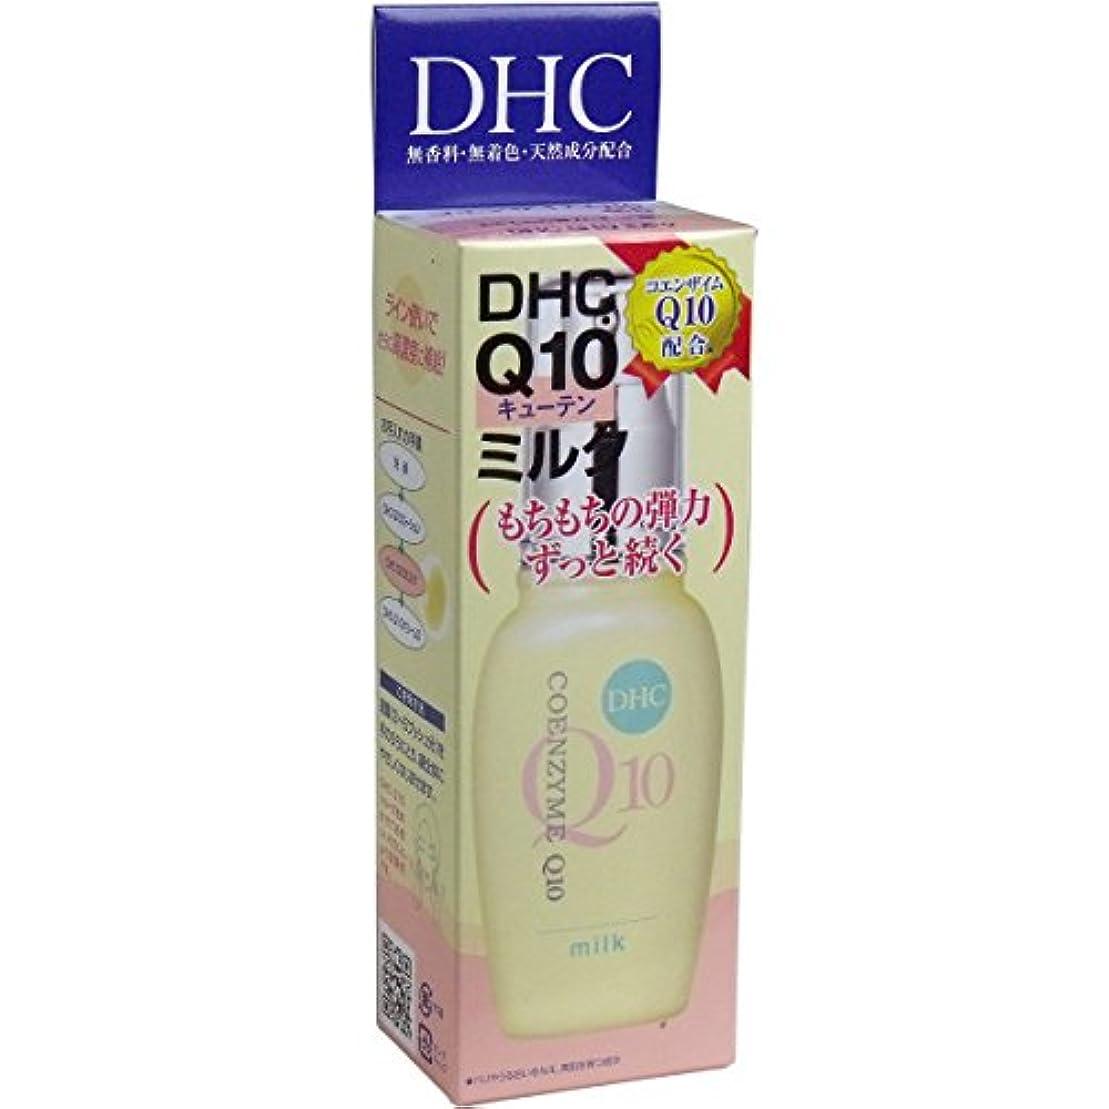 類人猿荒らす大きい【DHC】DHC Q10ミルク(SS) 40ml ×5個セット